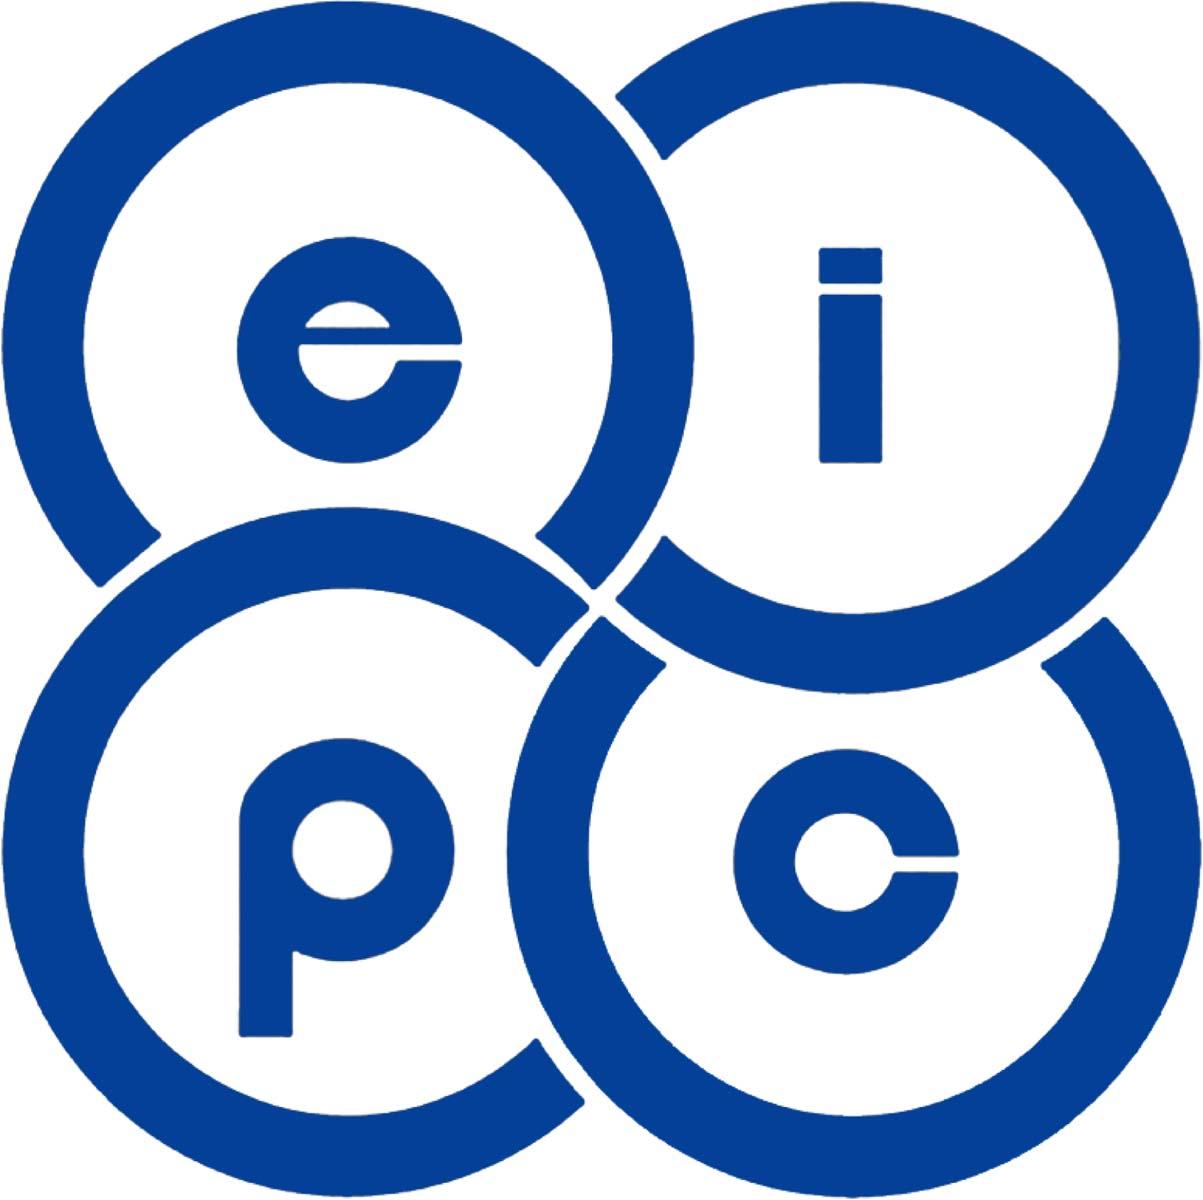 EIPC LOGO